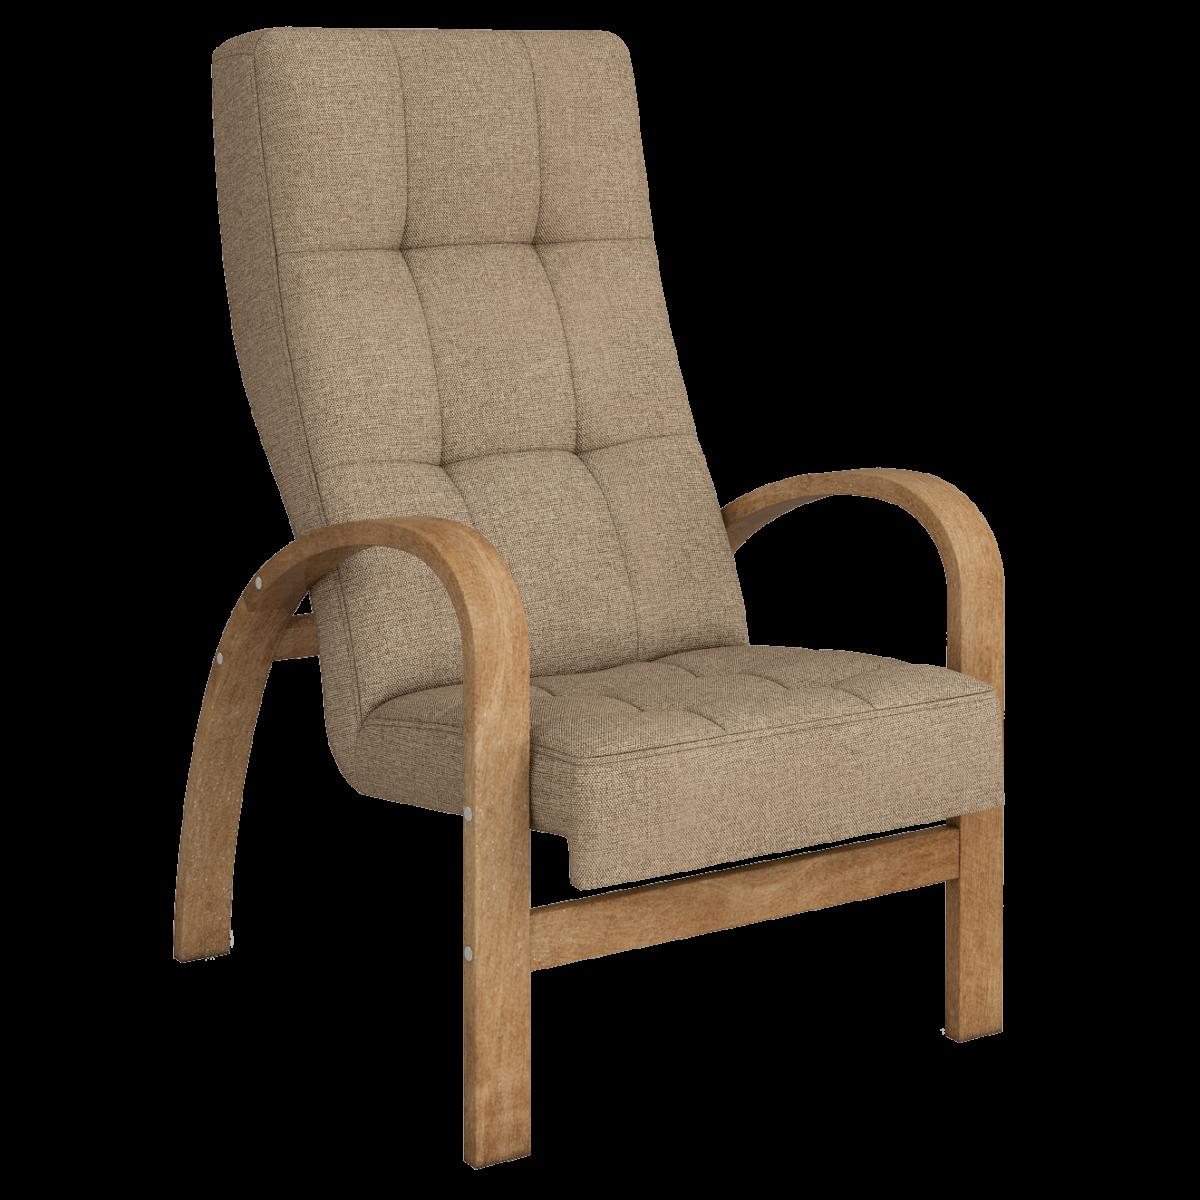 Кресло для отдыха Трэвис (Сан 03 светлый орех)